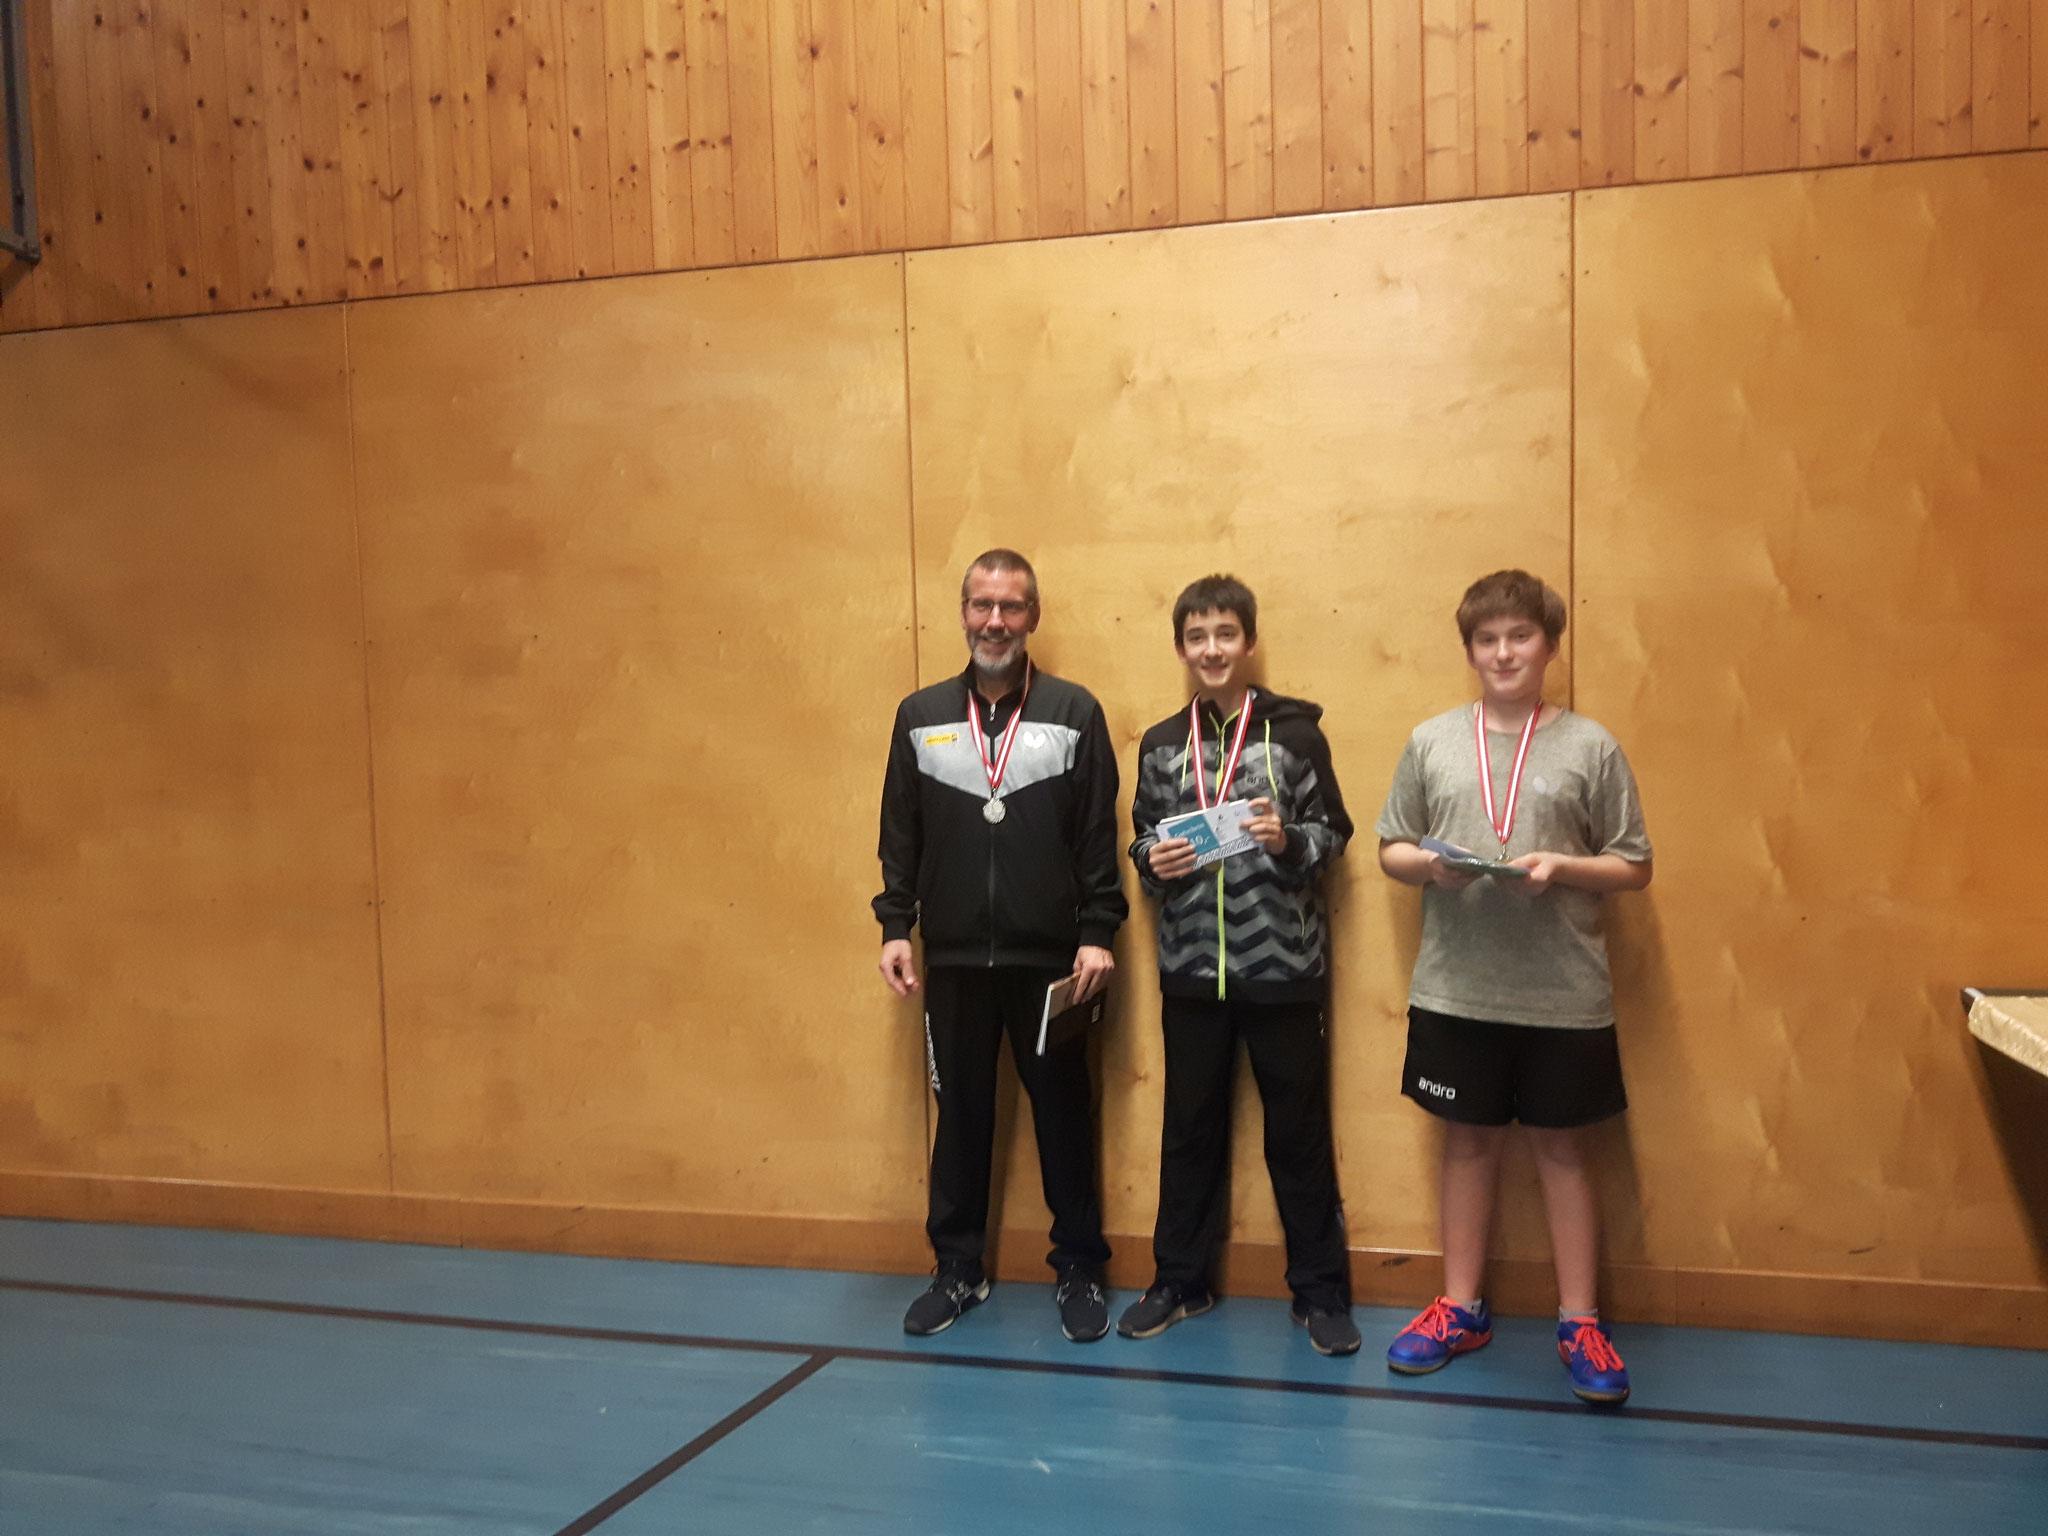 Siegerfoto Bewerb E: v.l.n.r. Erwin Gastinger (USTO) (Platz 2), Niklas Damm (SSTO) (Sieger), Florian Damm (SSTO) (Platz 3)